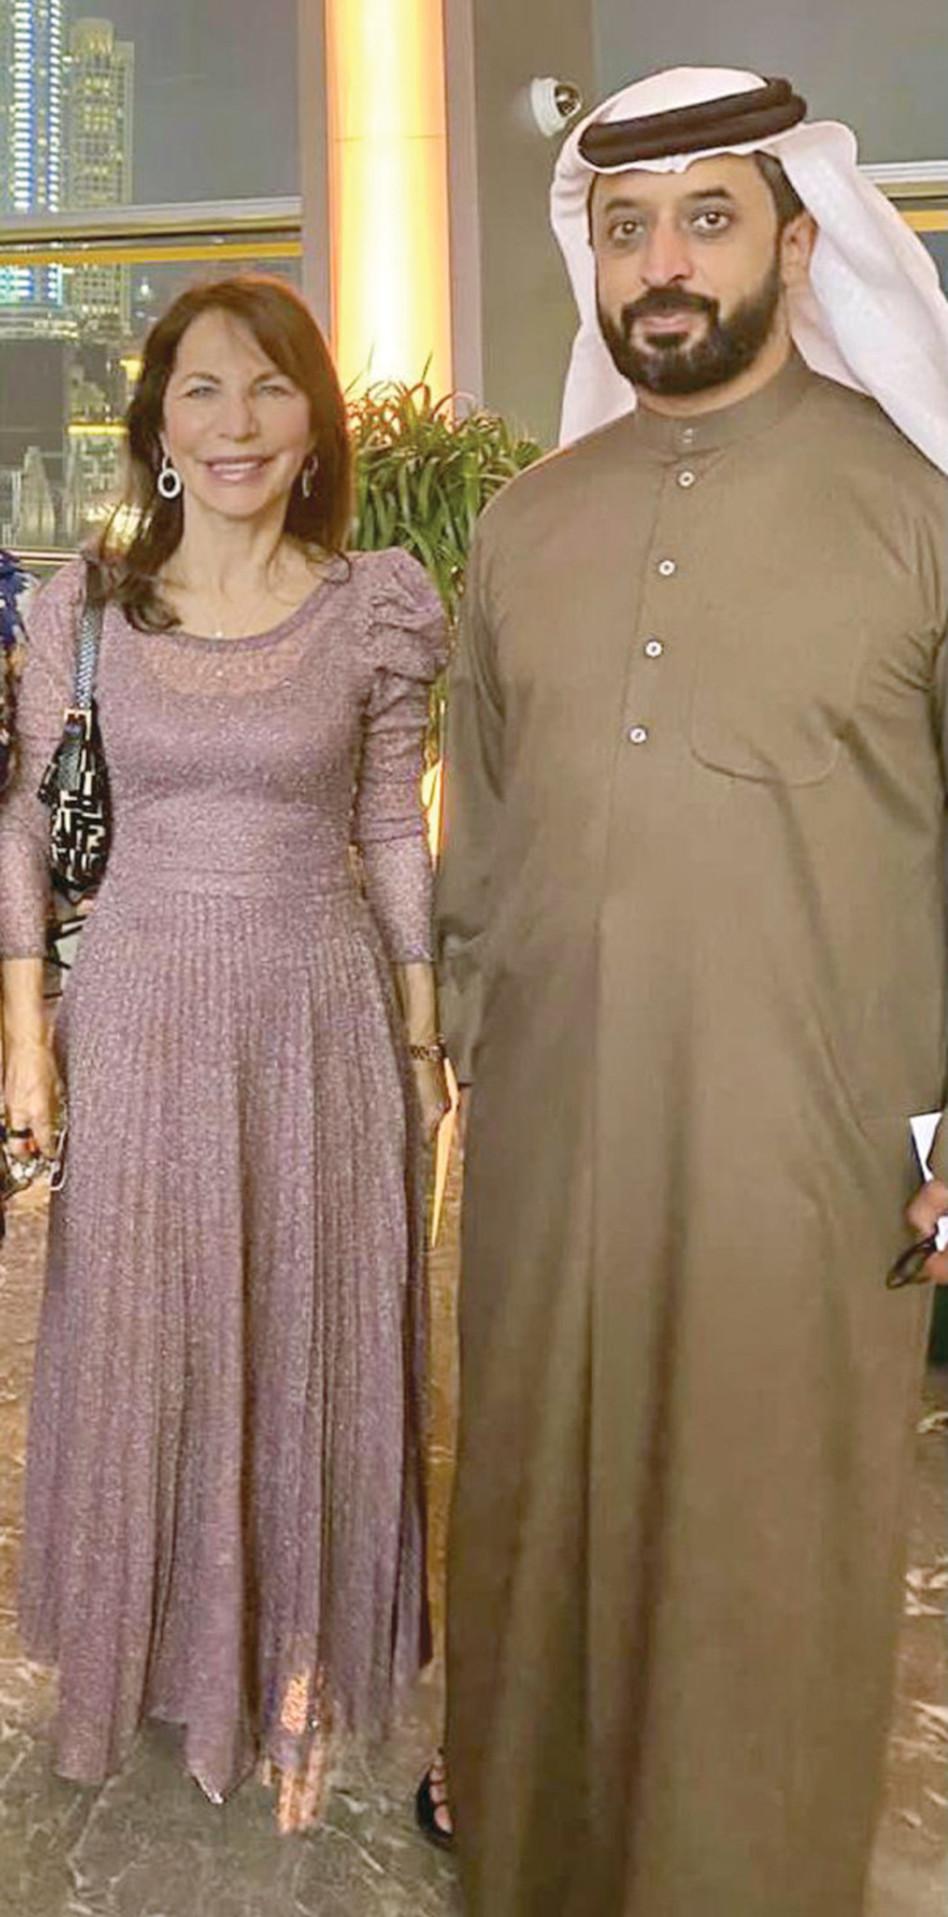 אחמד בן סלאיים וברטל בדובאי (צילום: יח''צ)